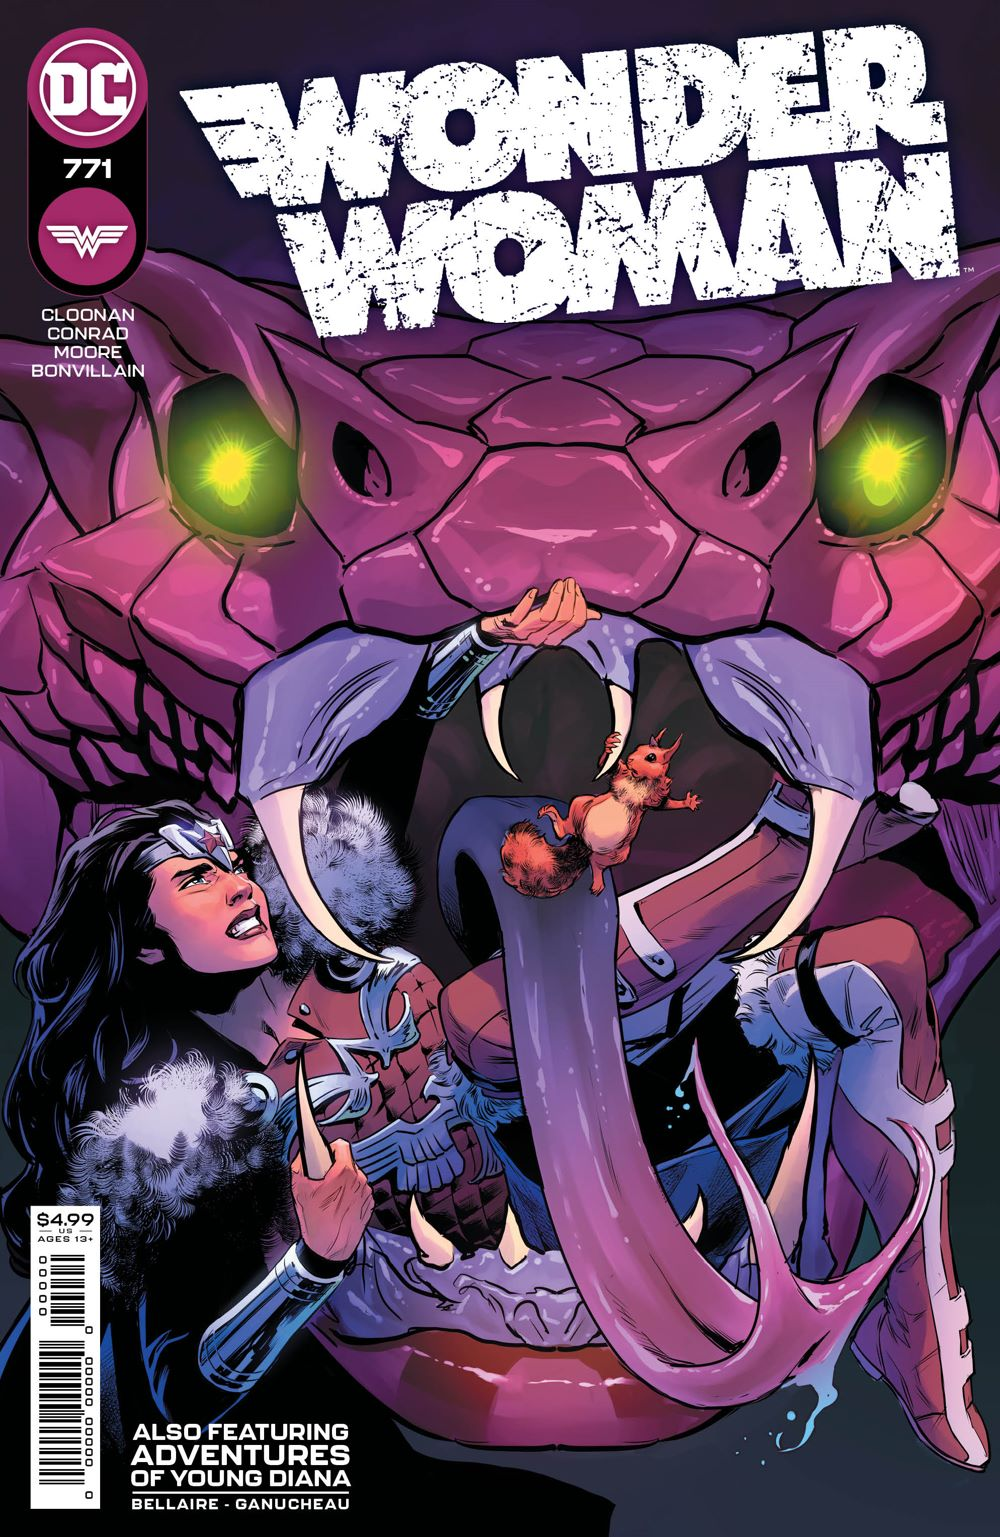 WONDERWOMAN_Cv771 DC Comics April 2021 Solicitations